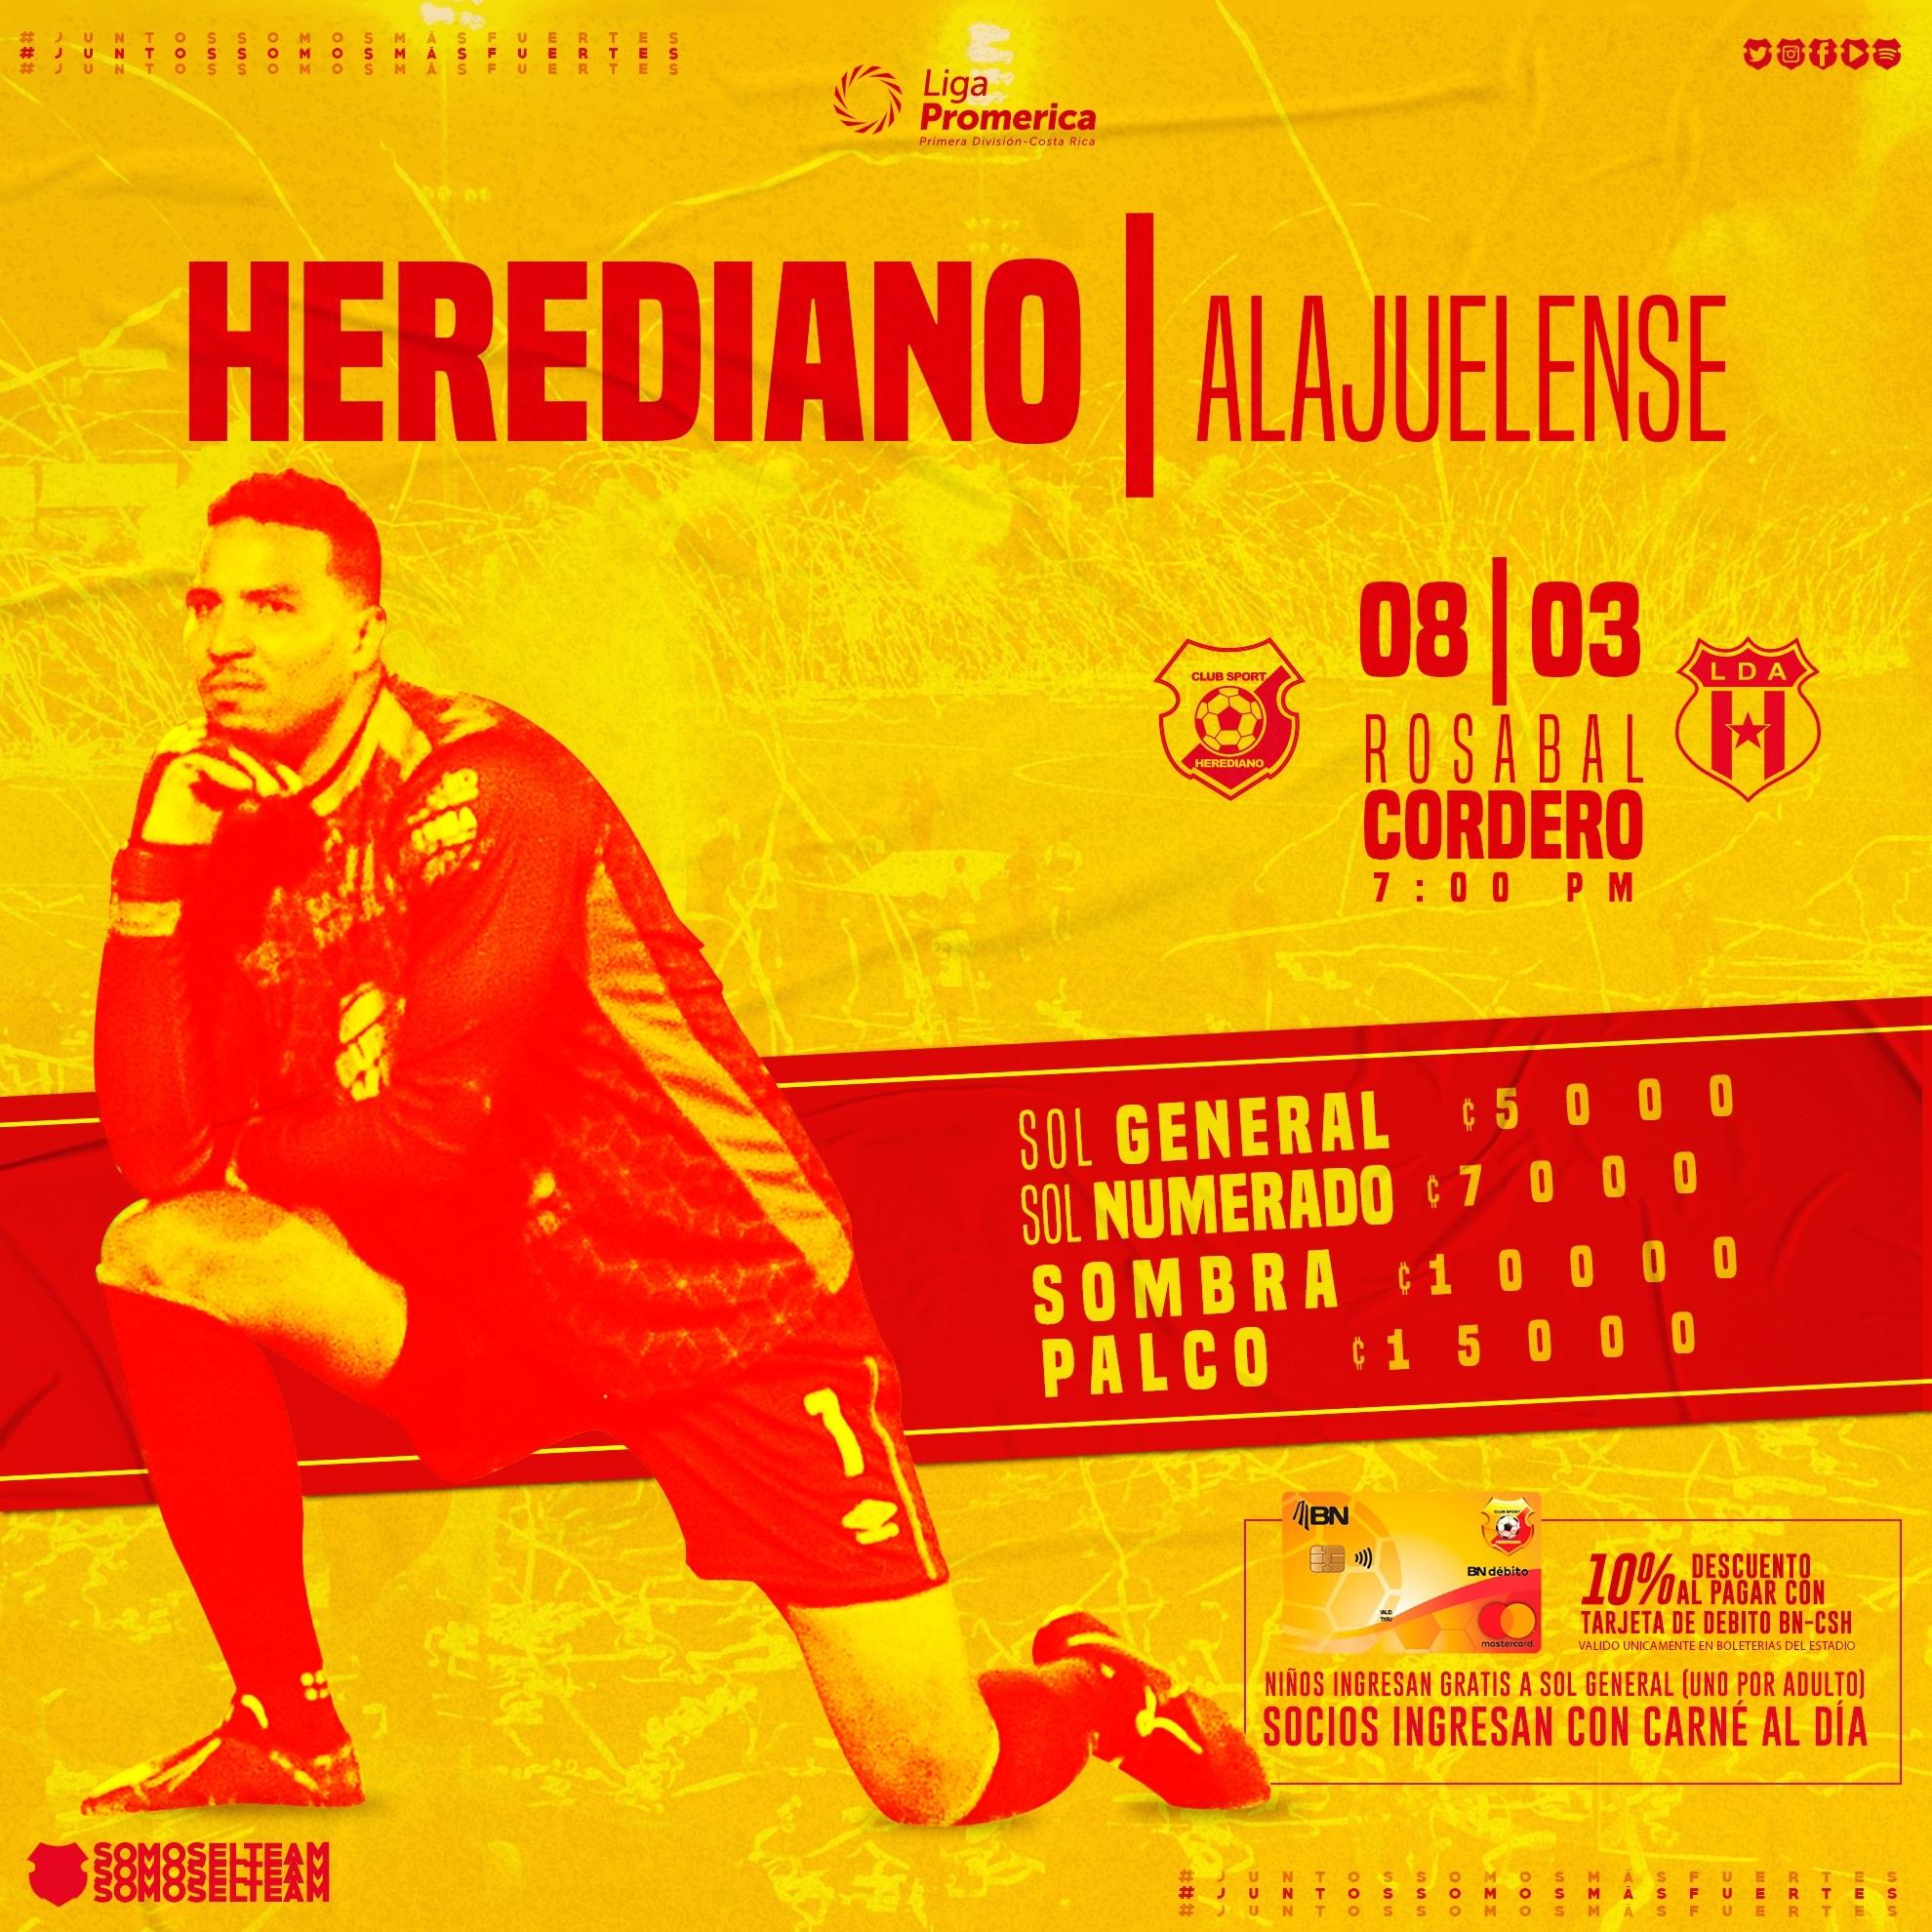 Herediano cobrará entre 5 mil y 15 mil colones para el juego del domingo ante Alajuelense.